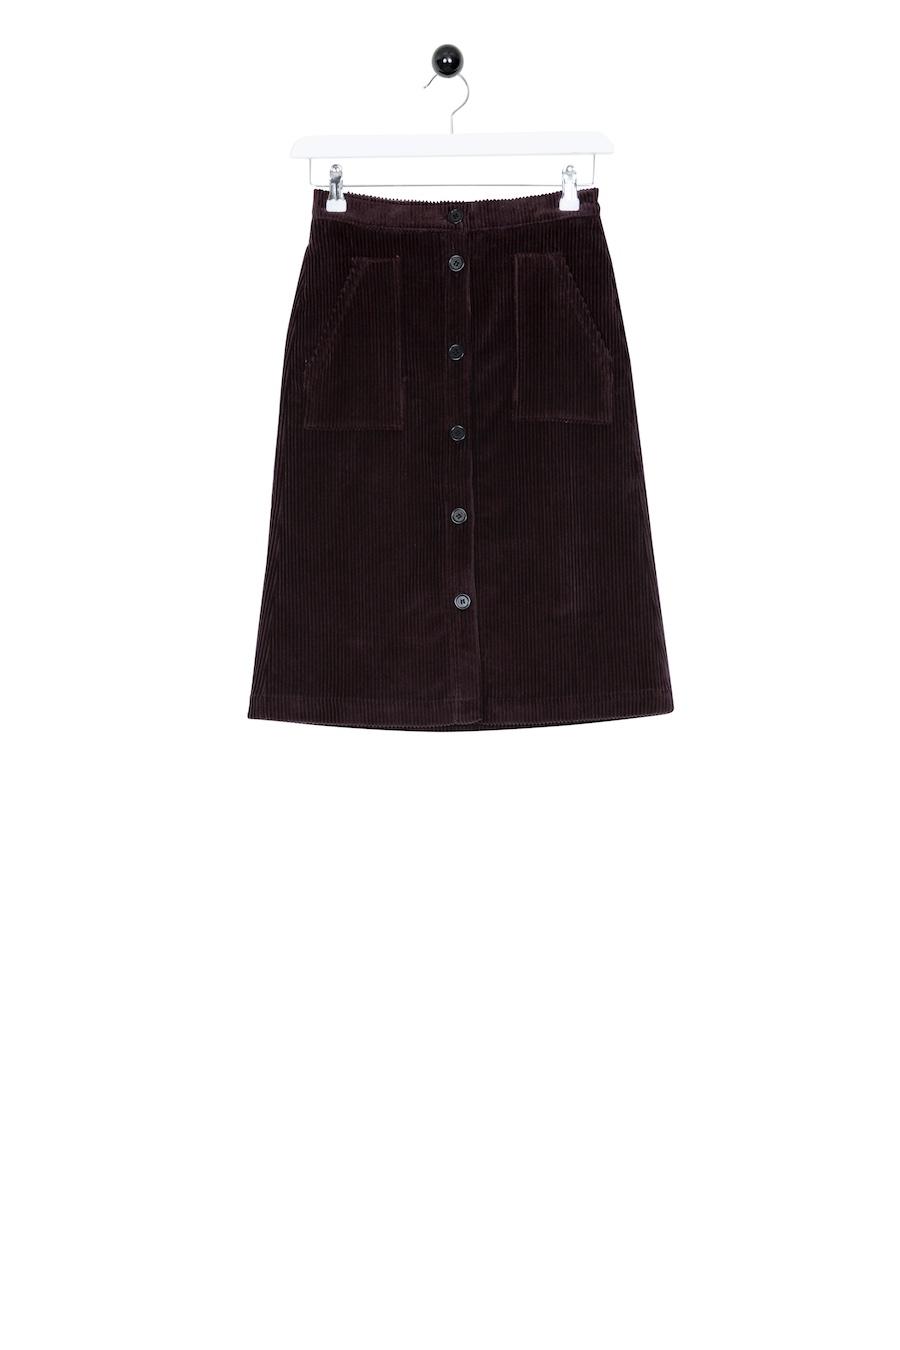 Melvish Skirt